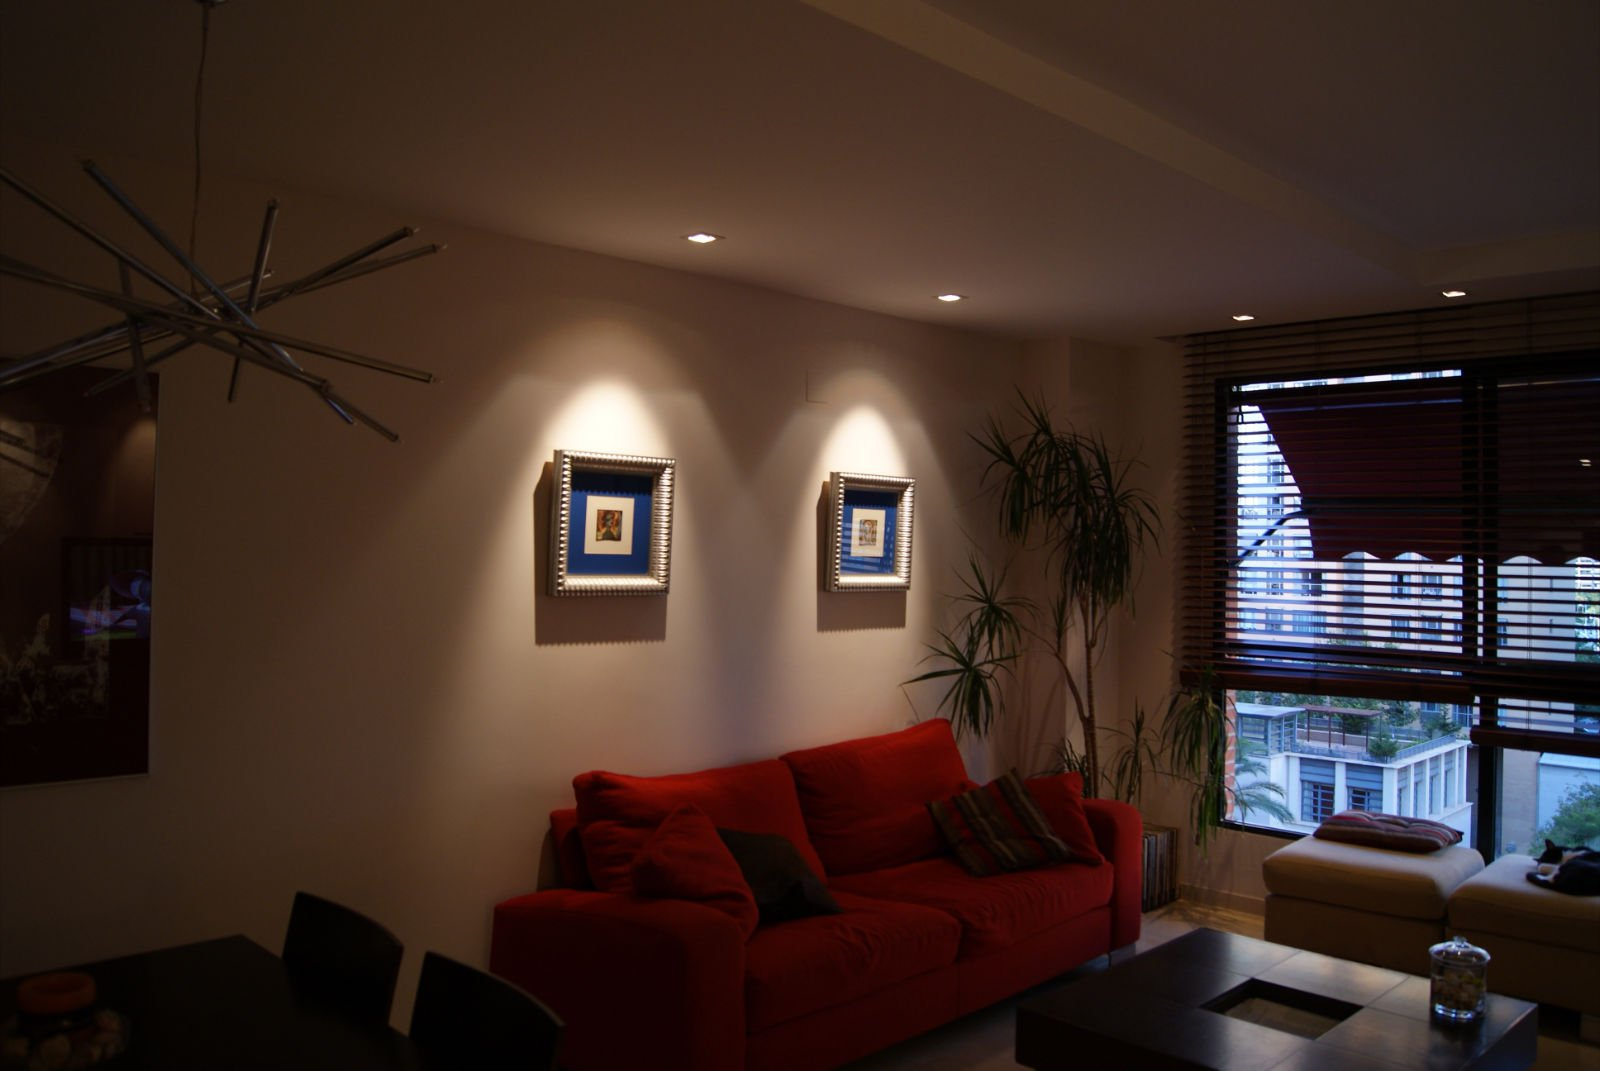 Instalaciones el ctricas residenciales 5 formas de for Iluminacion minimalista interiores